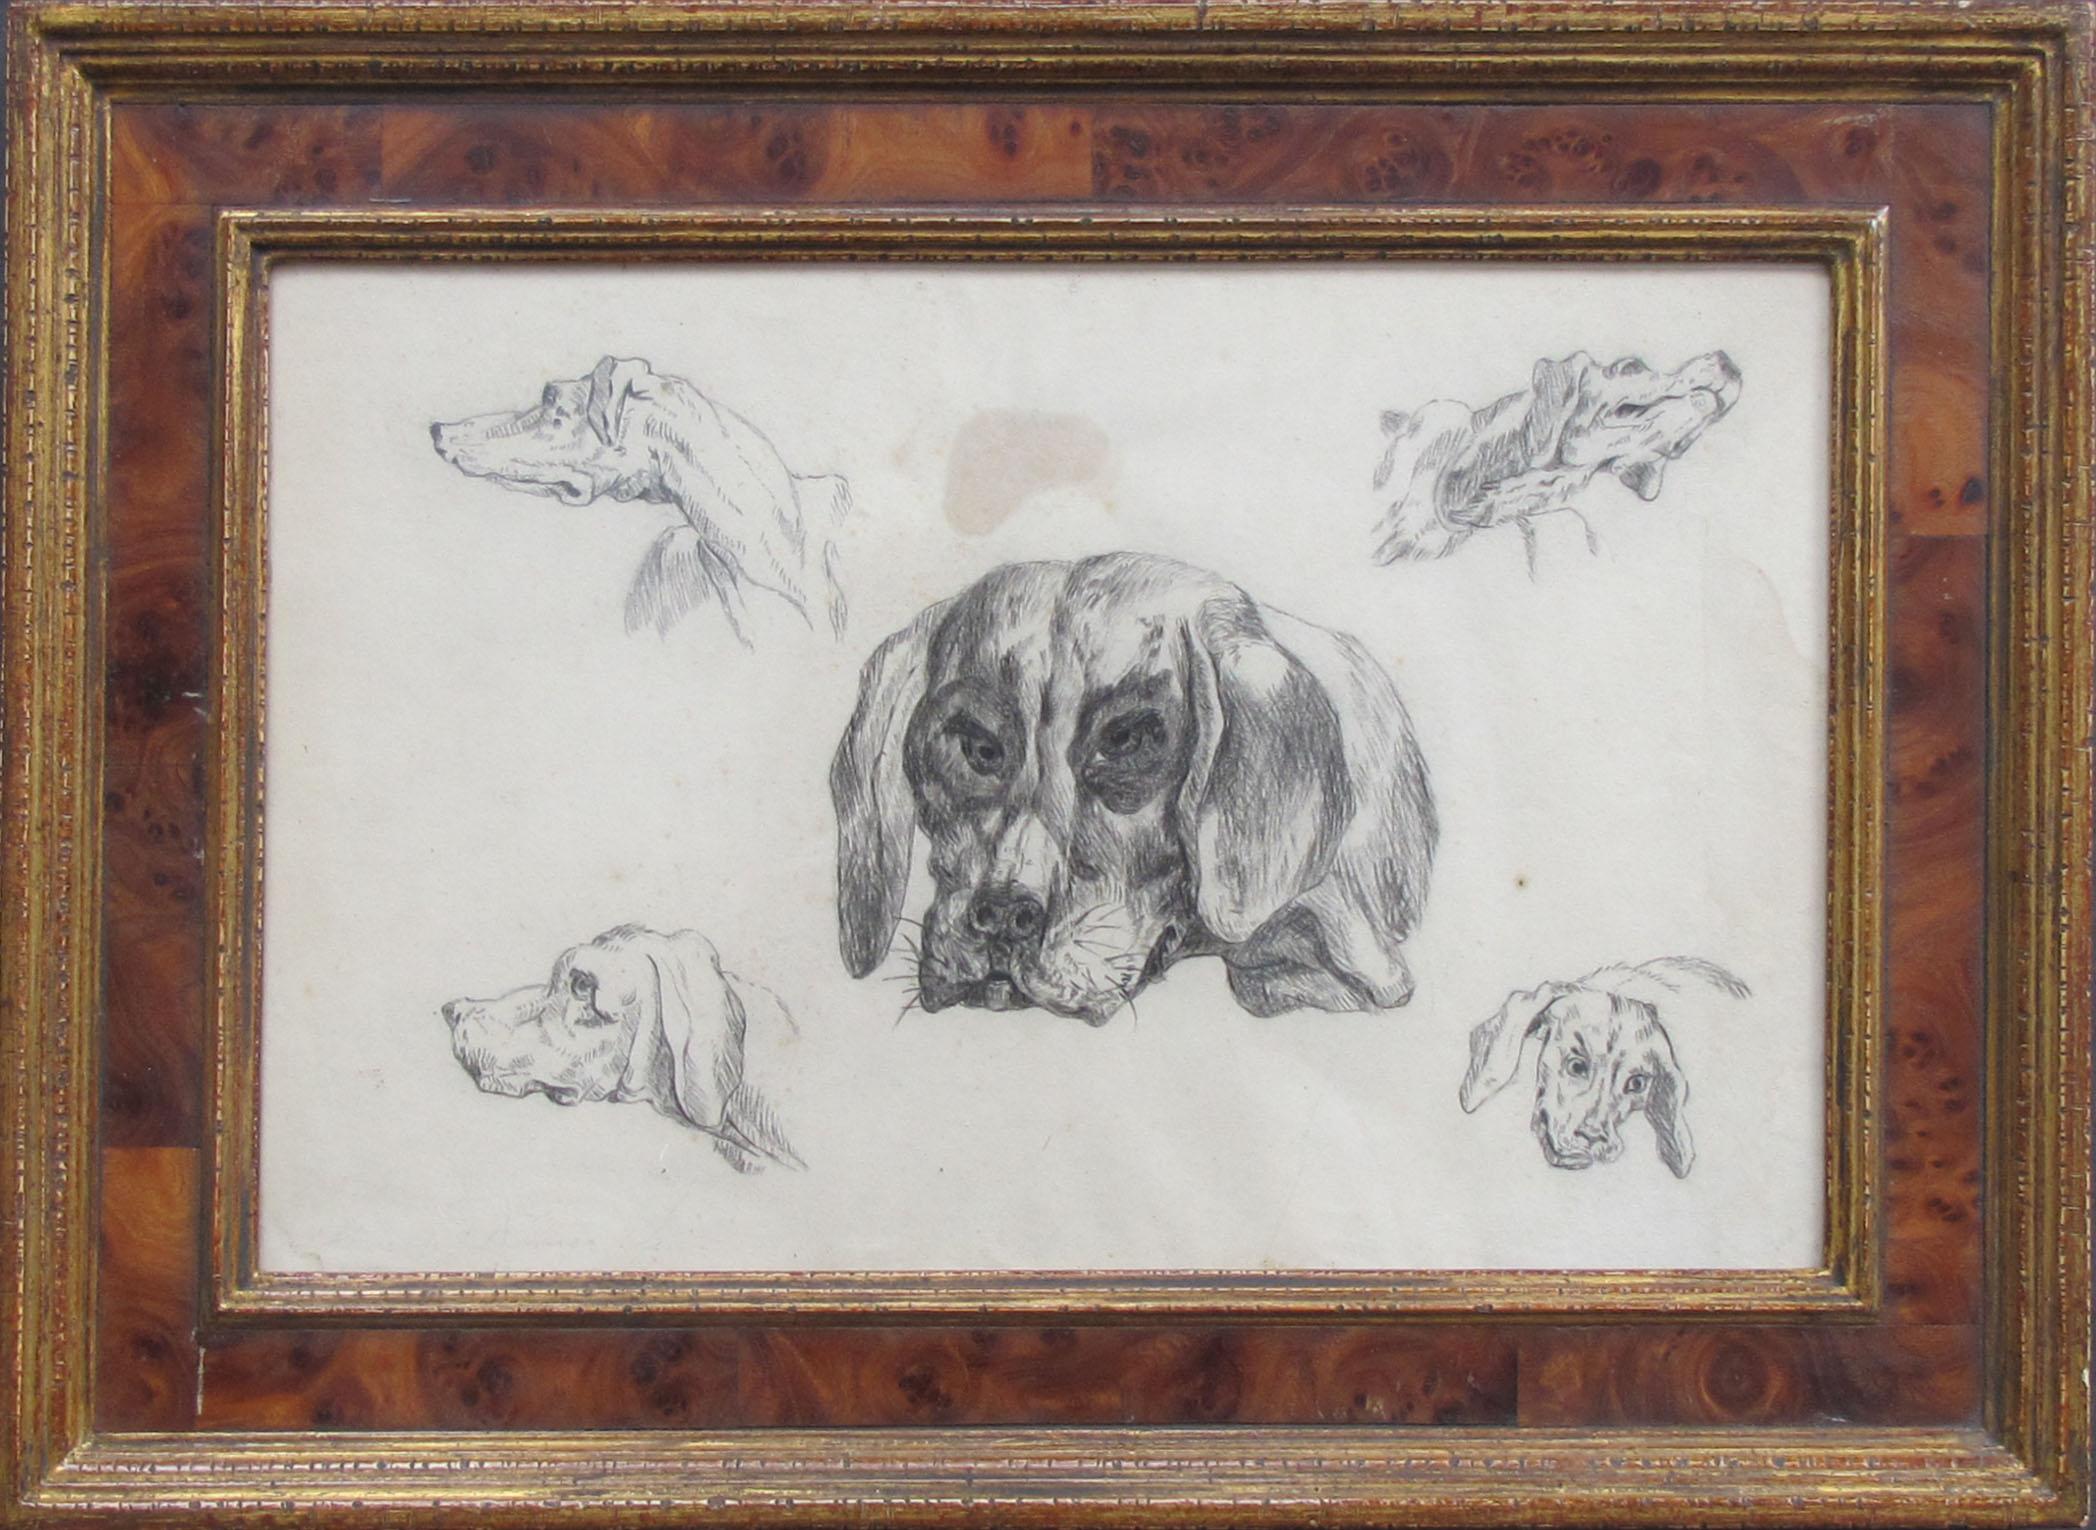 hondenstudie 19e eeuw